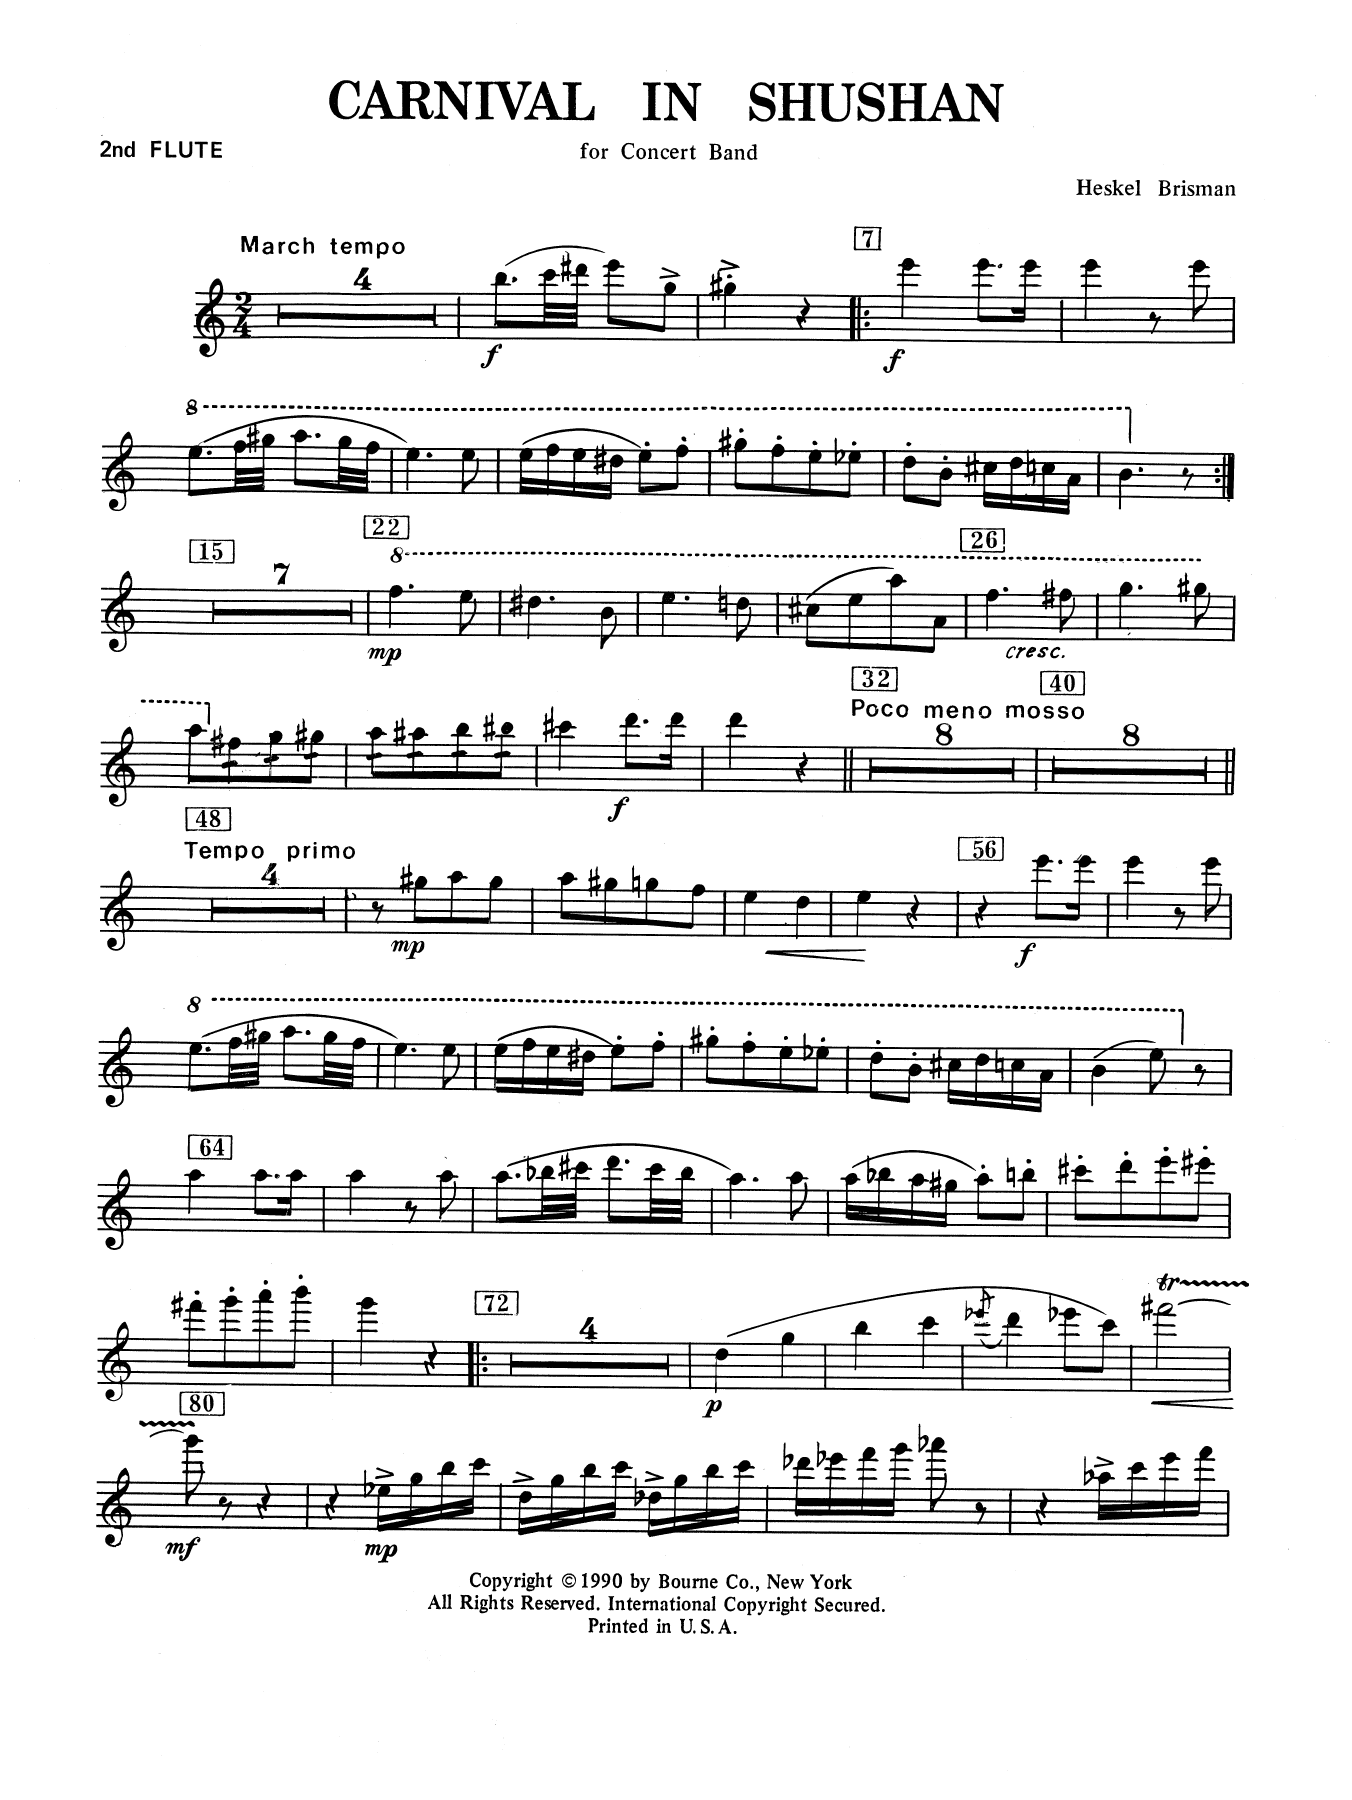 Carnival In Shushan - 2nd Flute